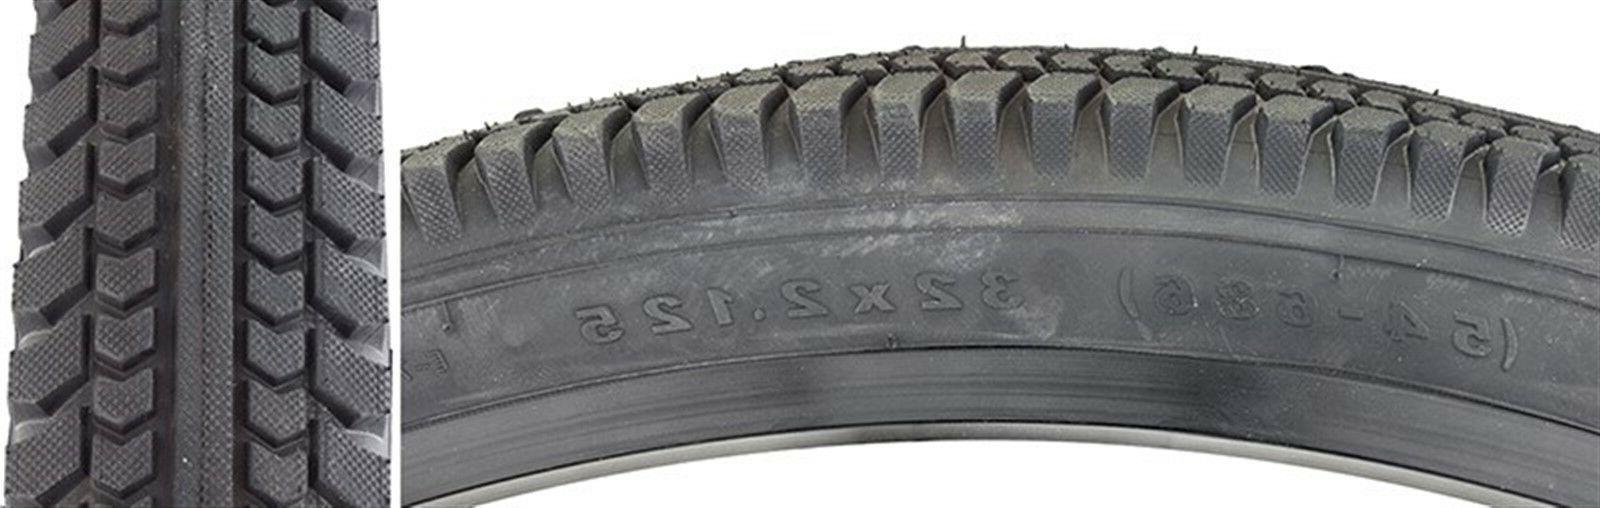 Kent Cruiser Tire Tires - 32X2.125 - - - 60